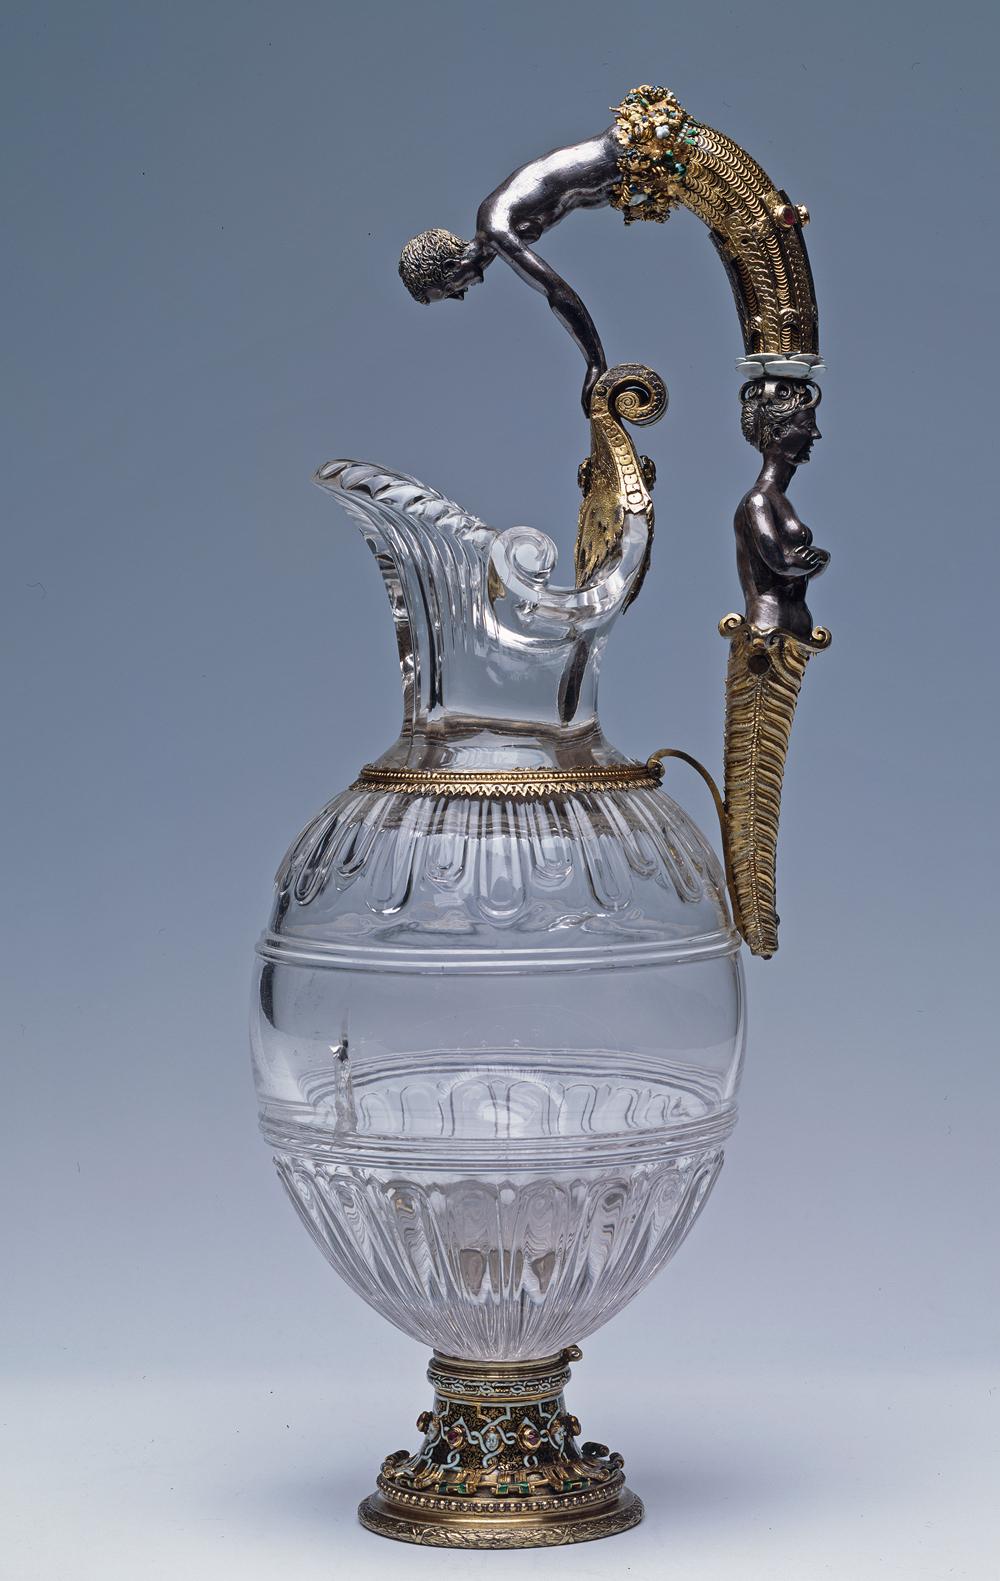 Хрустальный кувшин с ручкой в виде Нарцисса и Русалки